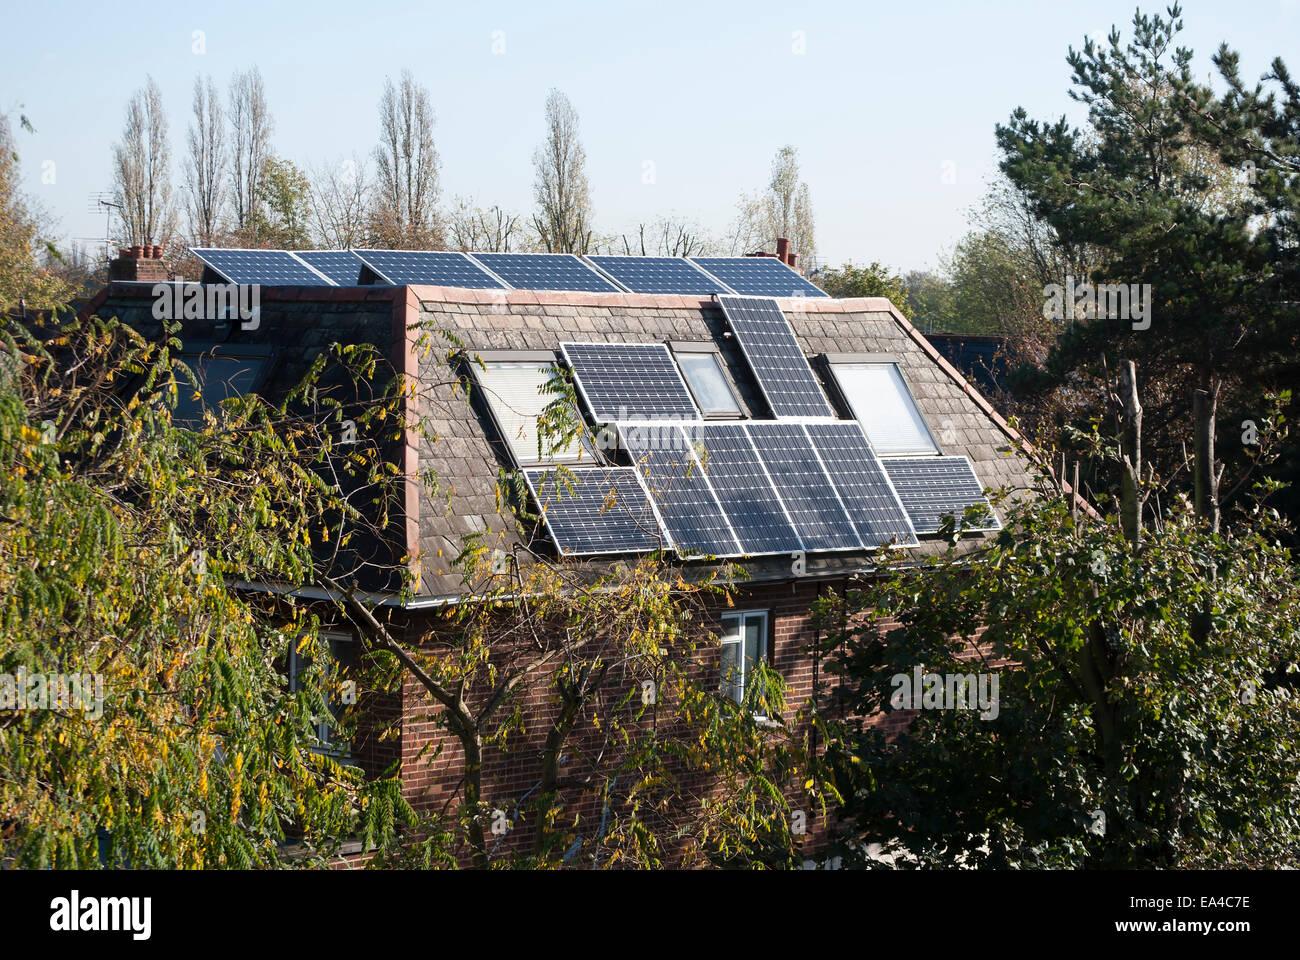 Los paneles solares que cubren el exterior de una casa en Chiswick, Londres, Inglaterra Imagen De Stock